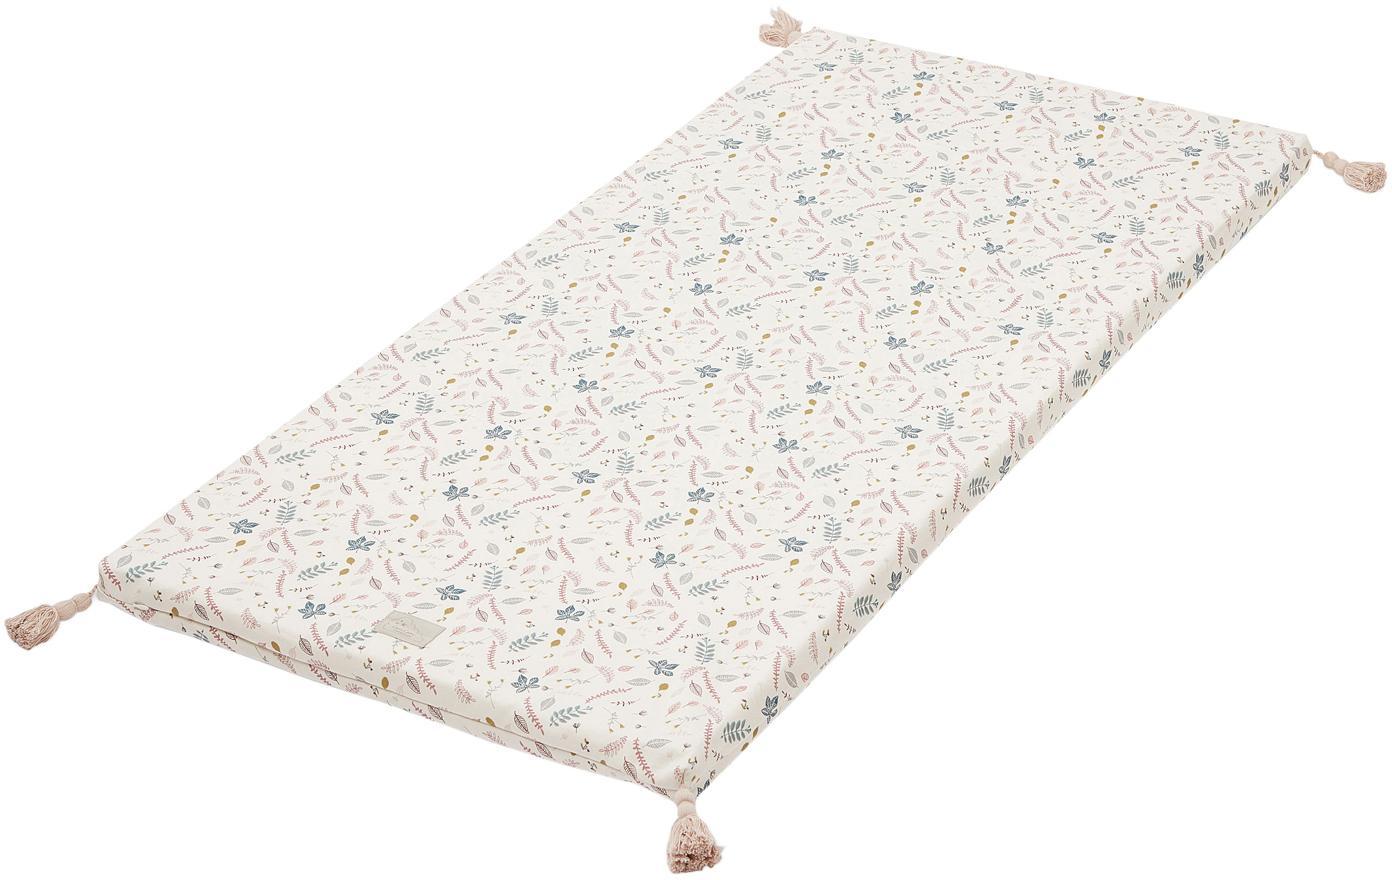 Mata do zabawy z bawełny organicznej Pressed Leaves, Tapicerka: bawełna organiczna, Kremowy, blady różowy, niebieski, szary, żółty, S 60 x D 120 cm